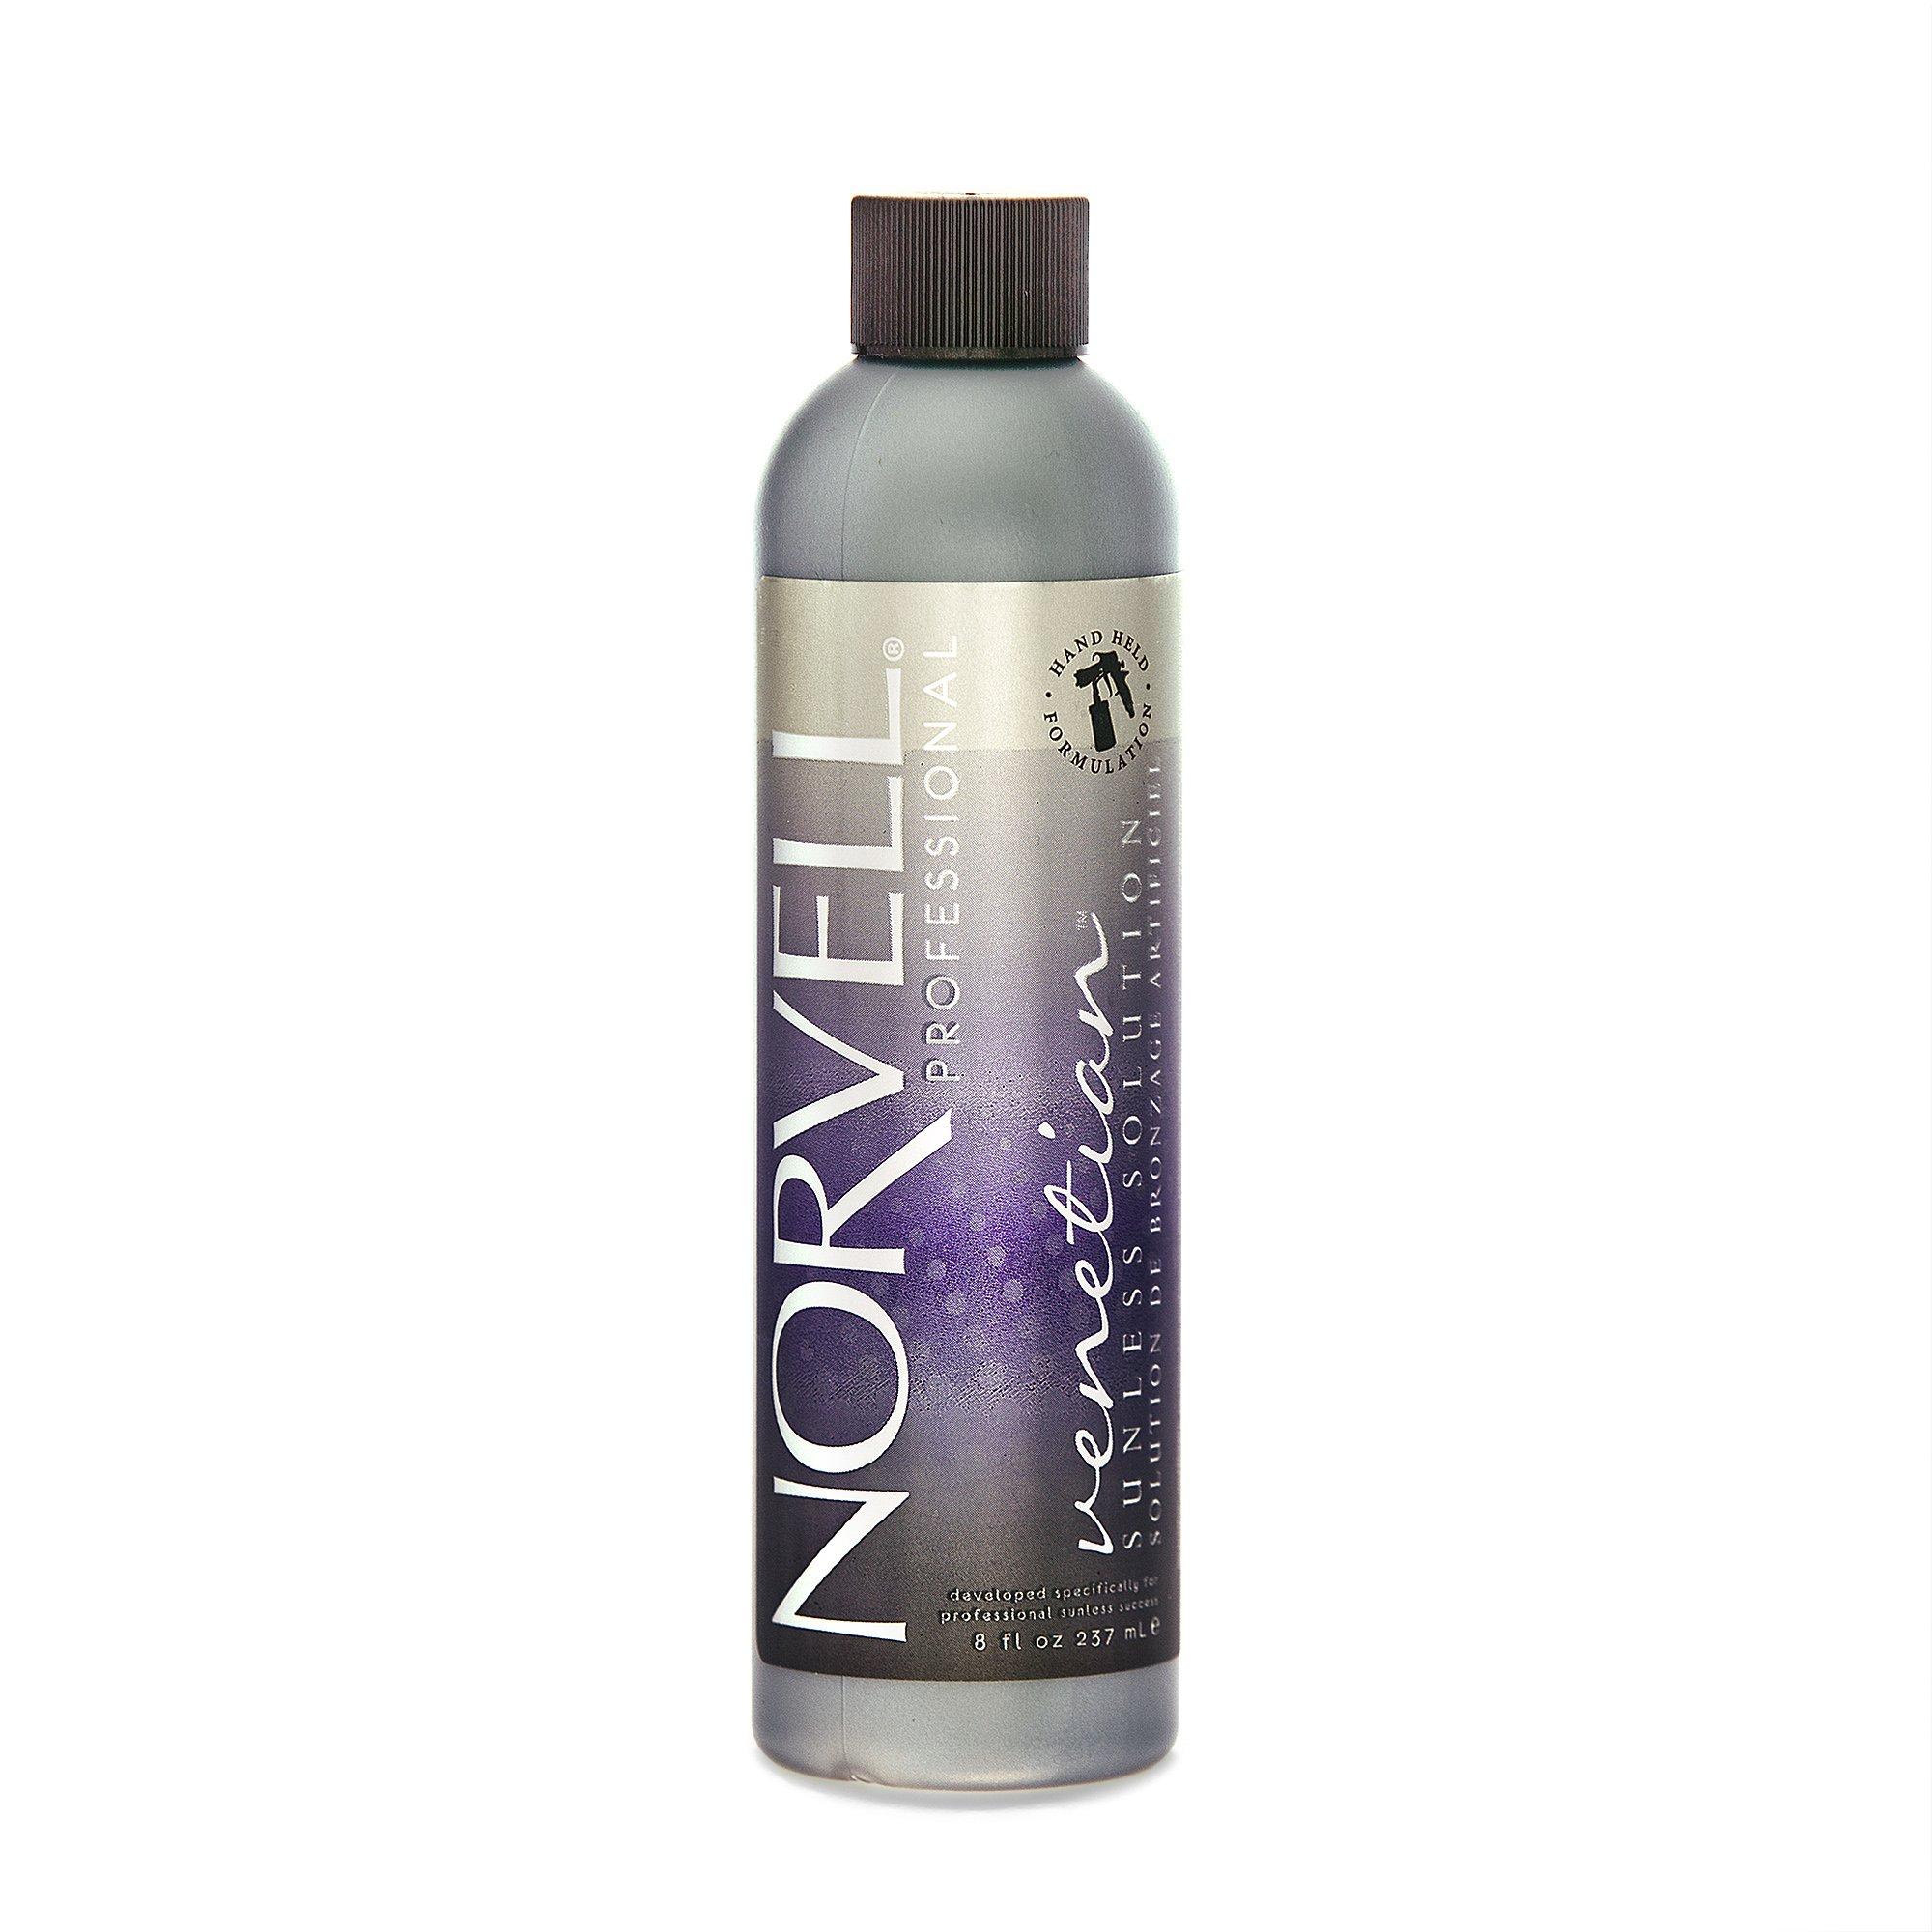 Norvell Premium Sunless Tanning Solution - Venetian, 8 fl.oz. by Norvell